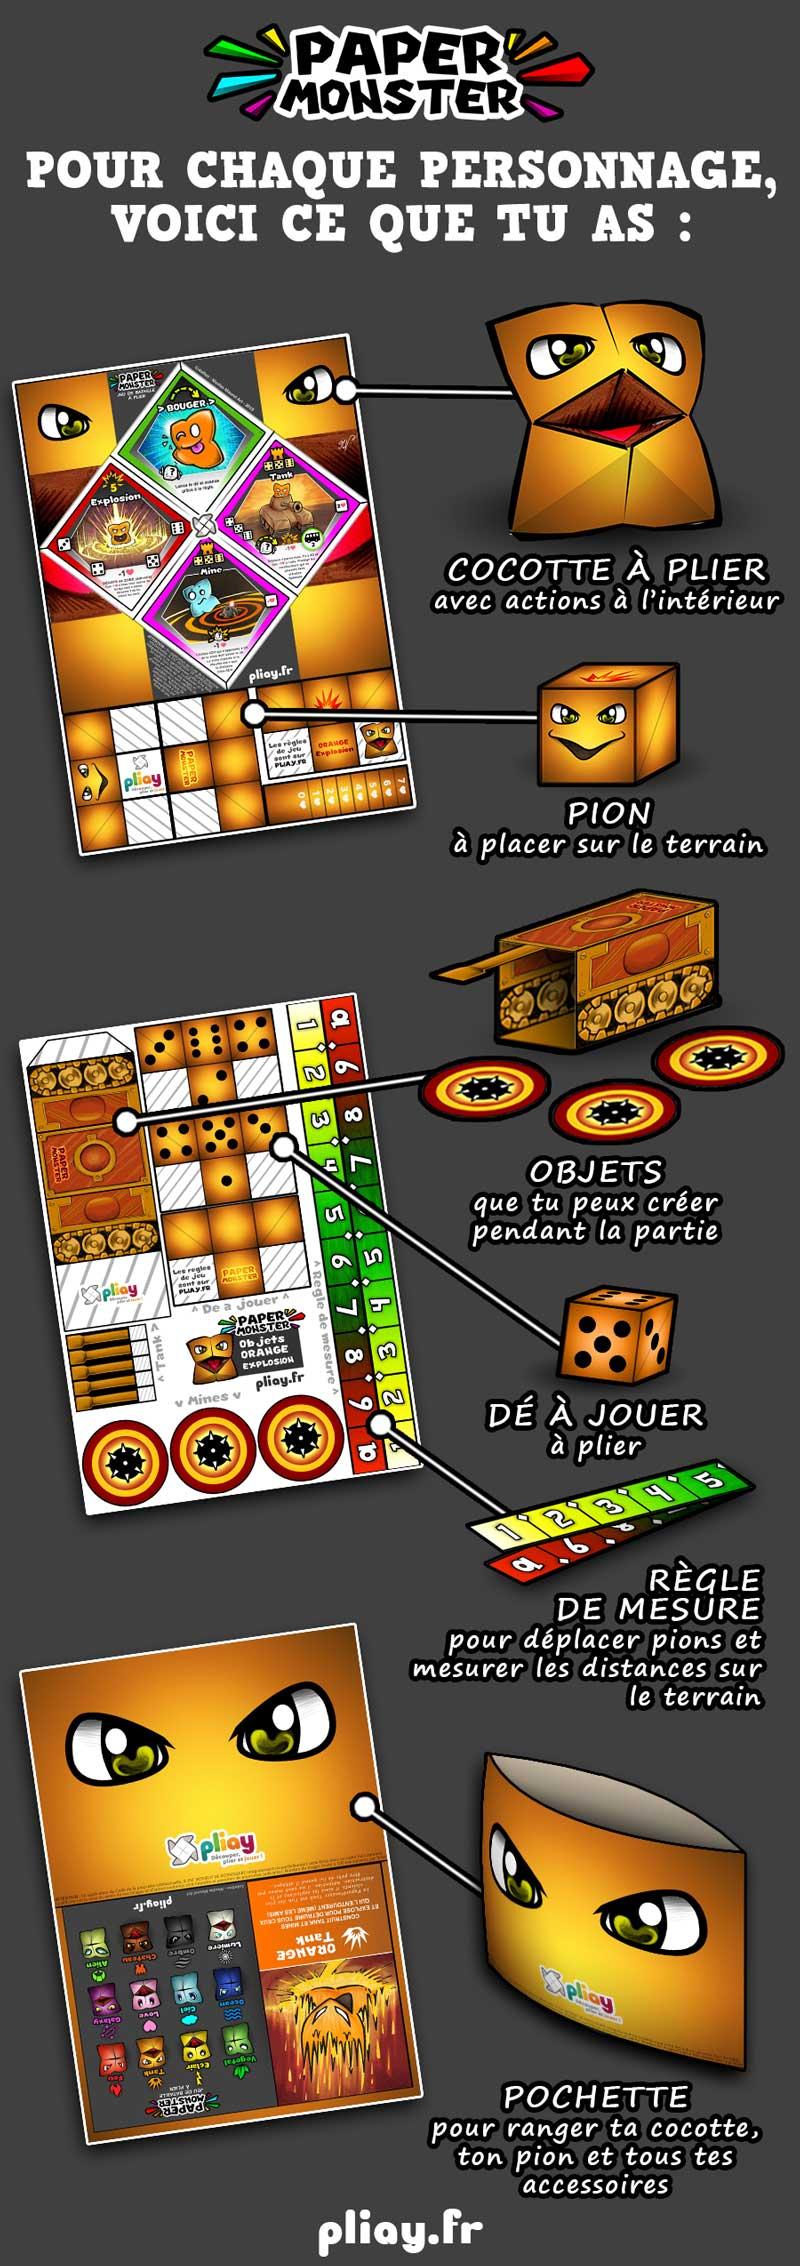 Contenu d'un personnage du jeu de société PaperMonsters